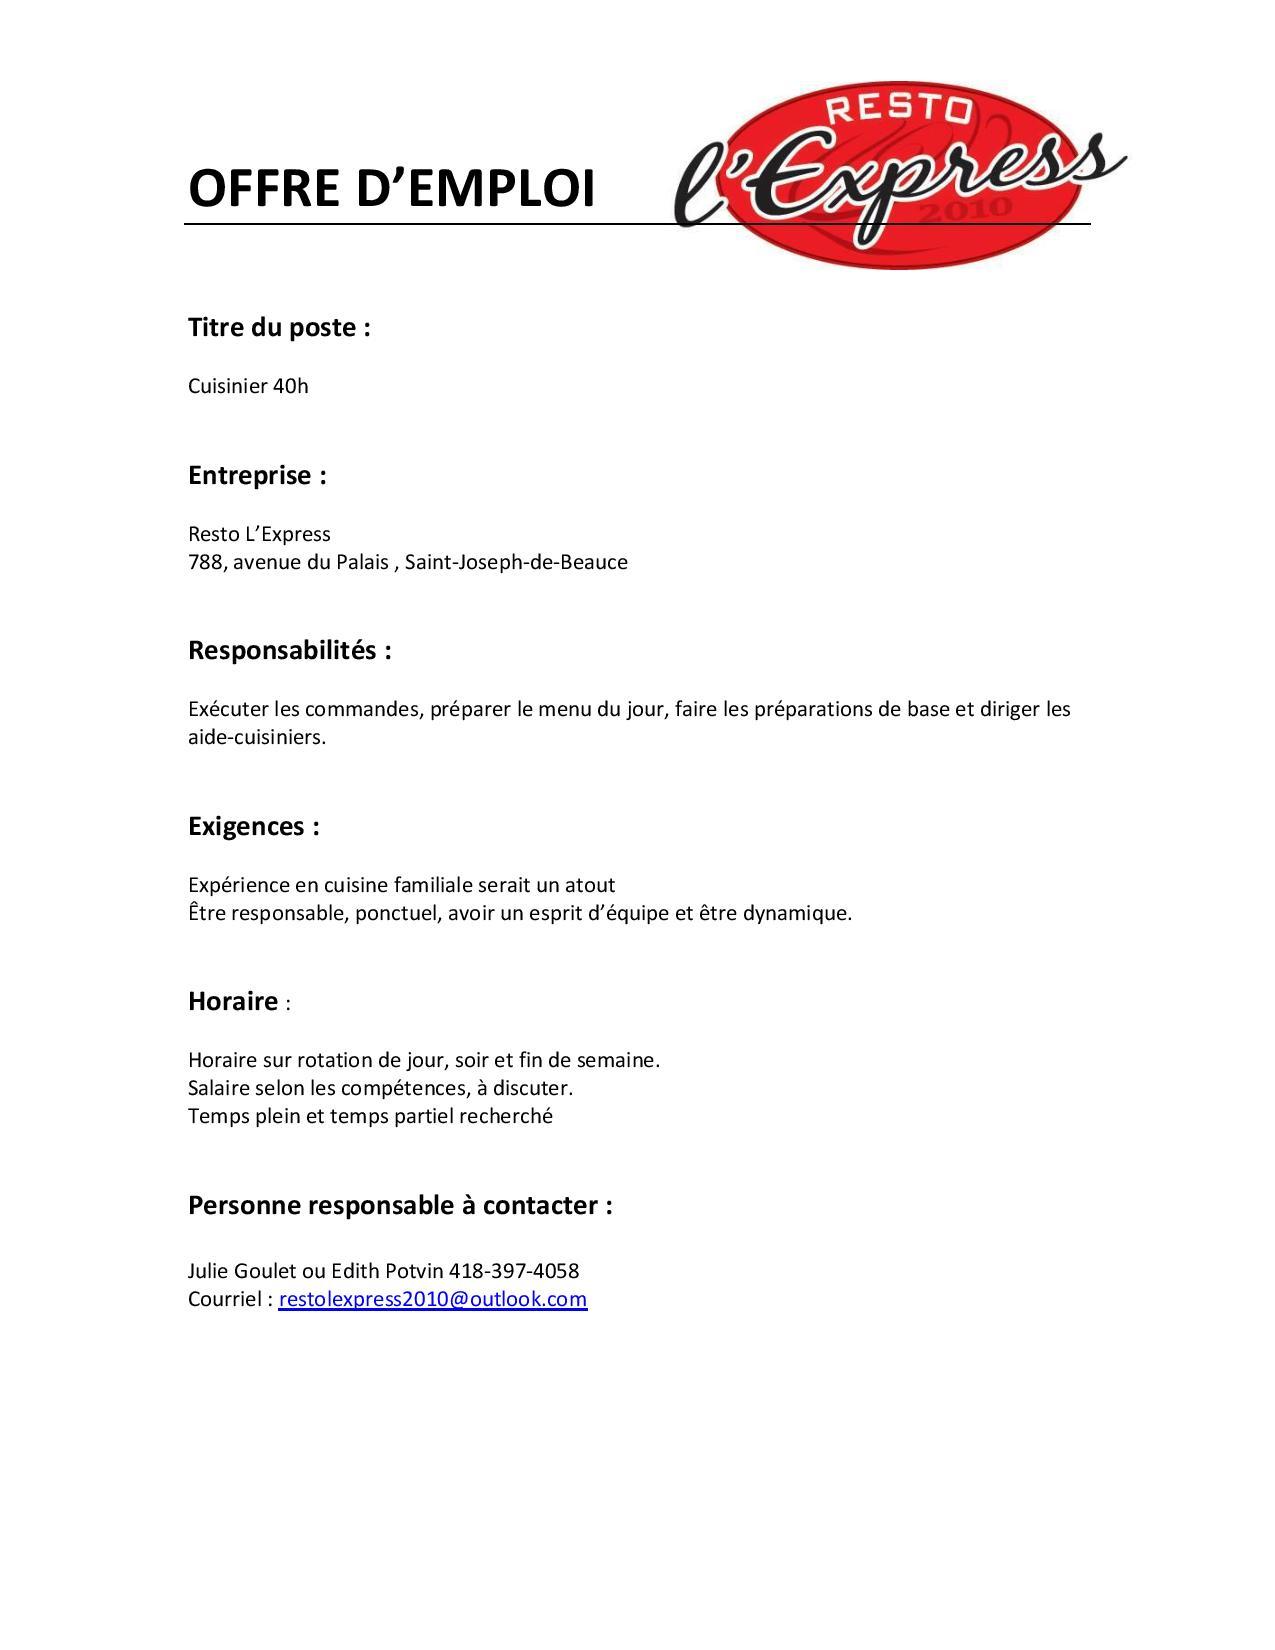 teletravail offres d'emploi en guadeloupe